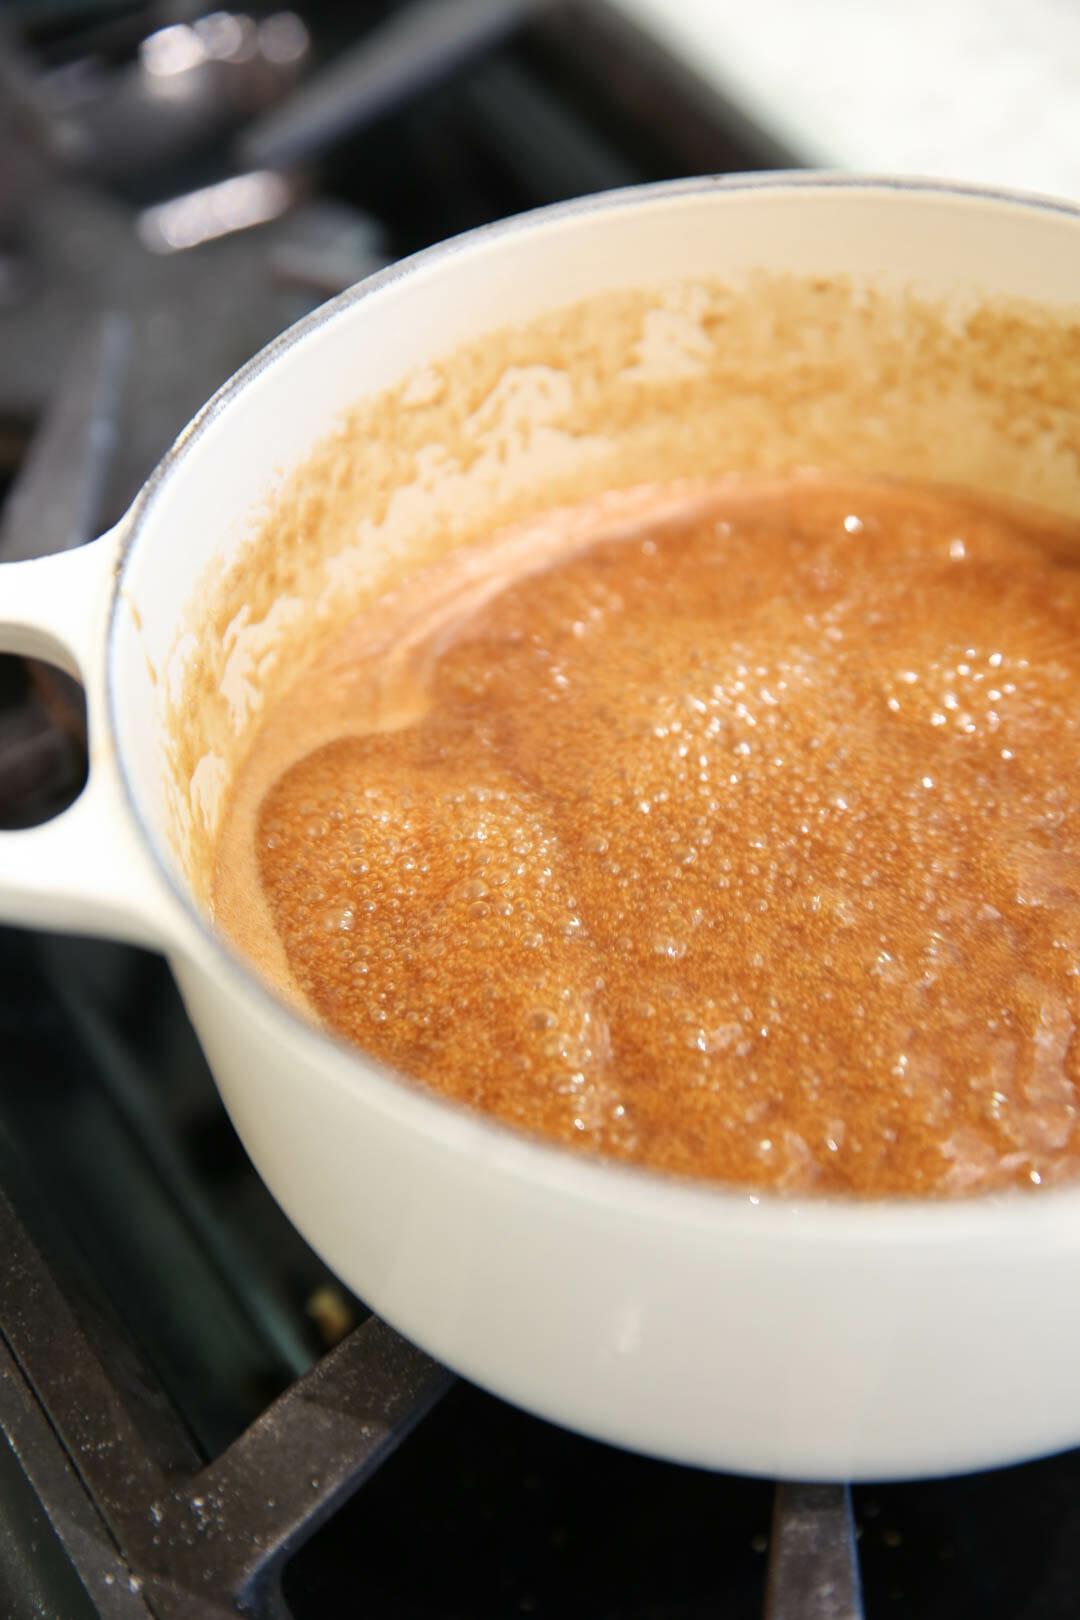 Easy Homemade Caramel Sauce Recipe